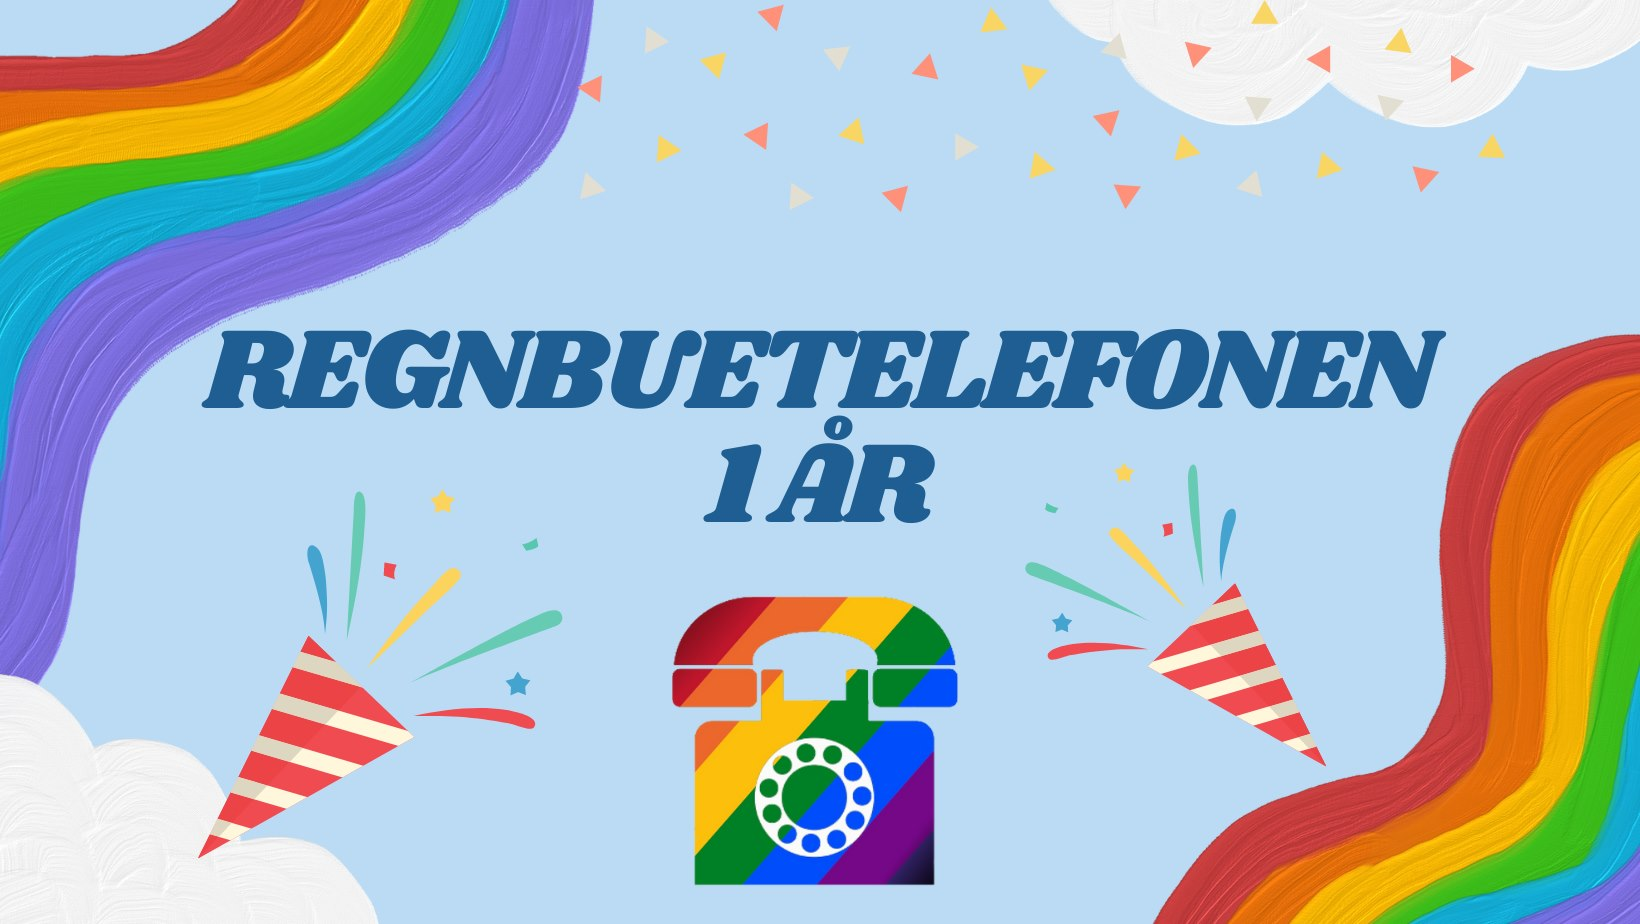 Regnbuetelefonen fyller 1 år og vi ønsker å feire med deg! 12. oktober braker det løs på Elske